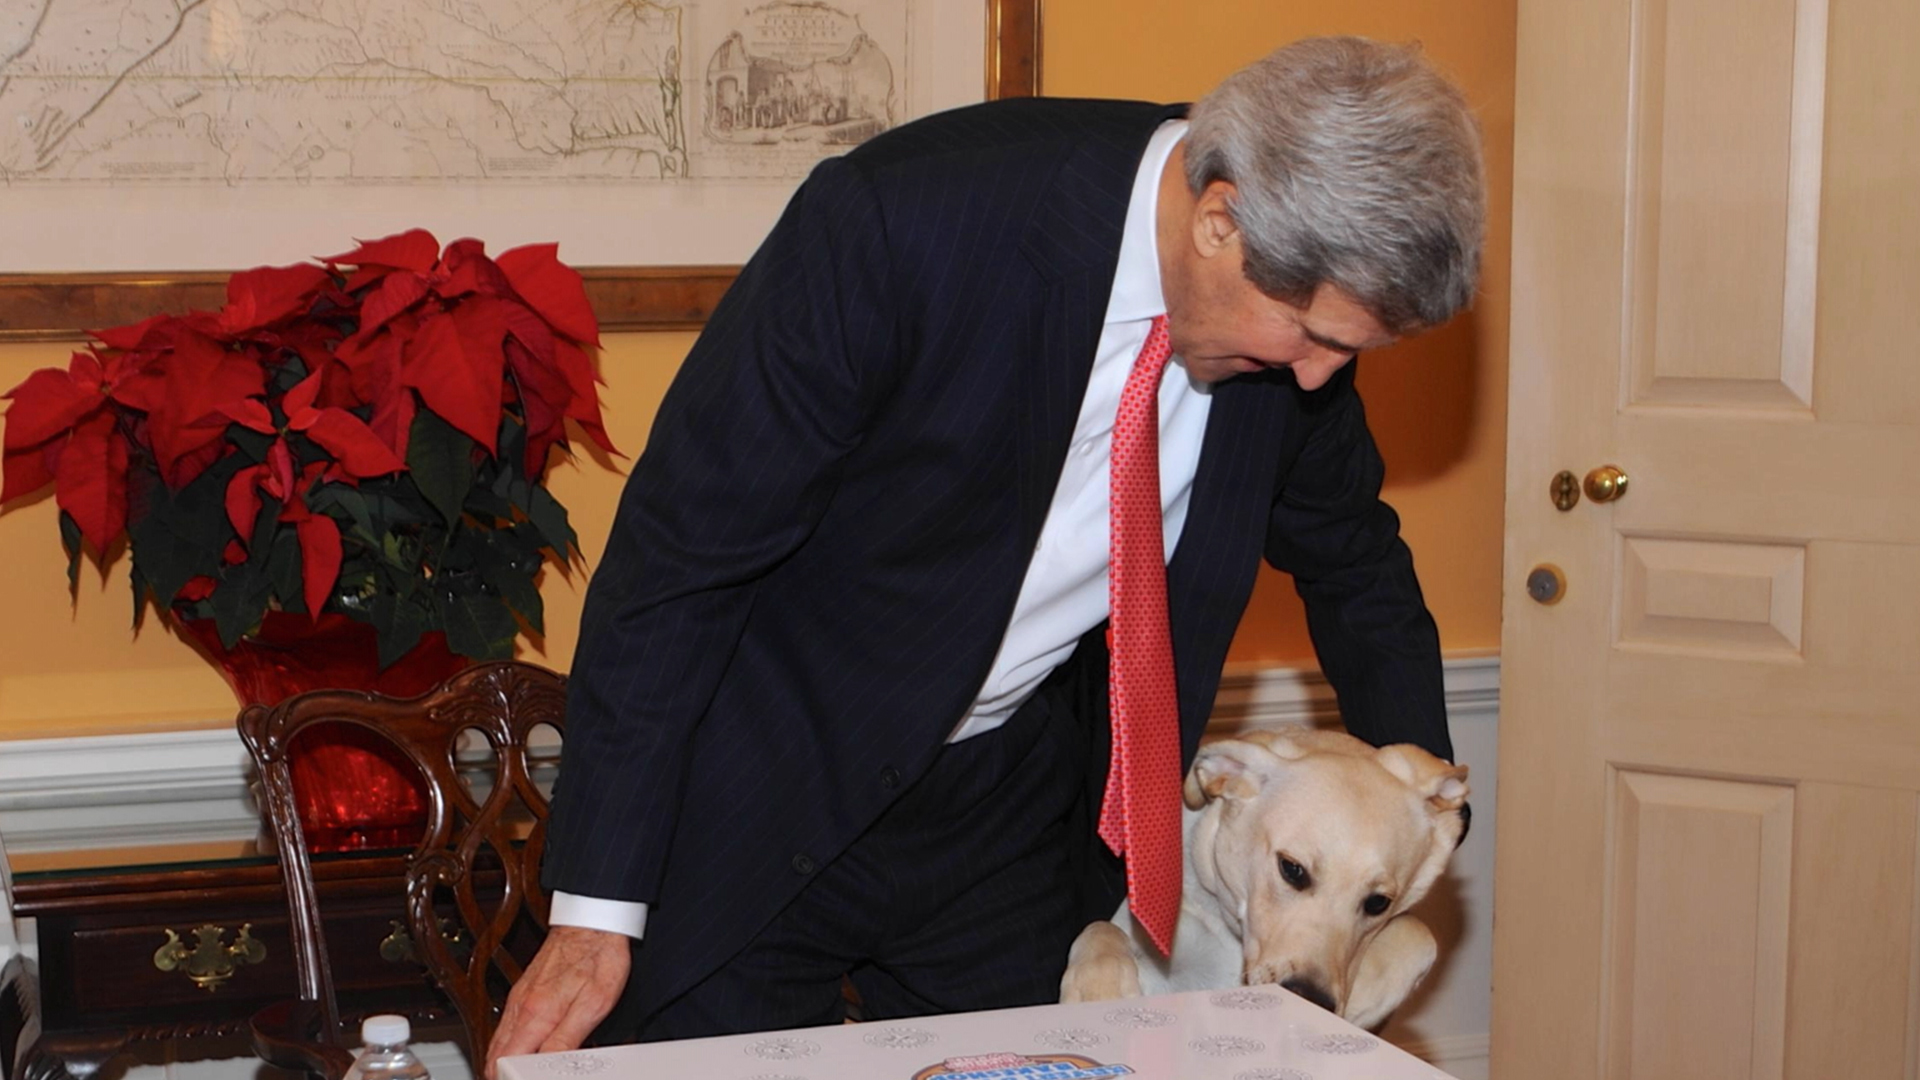 Happy birthday John Kerry!